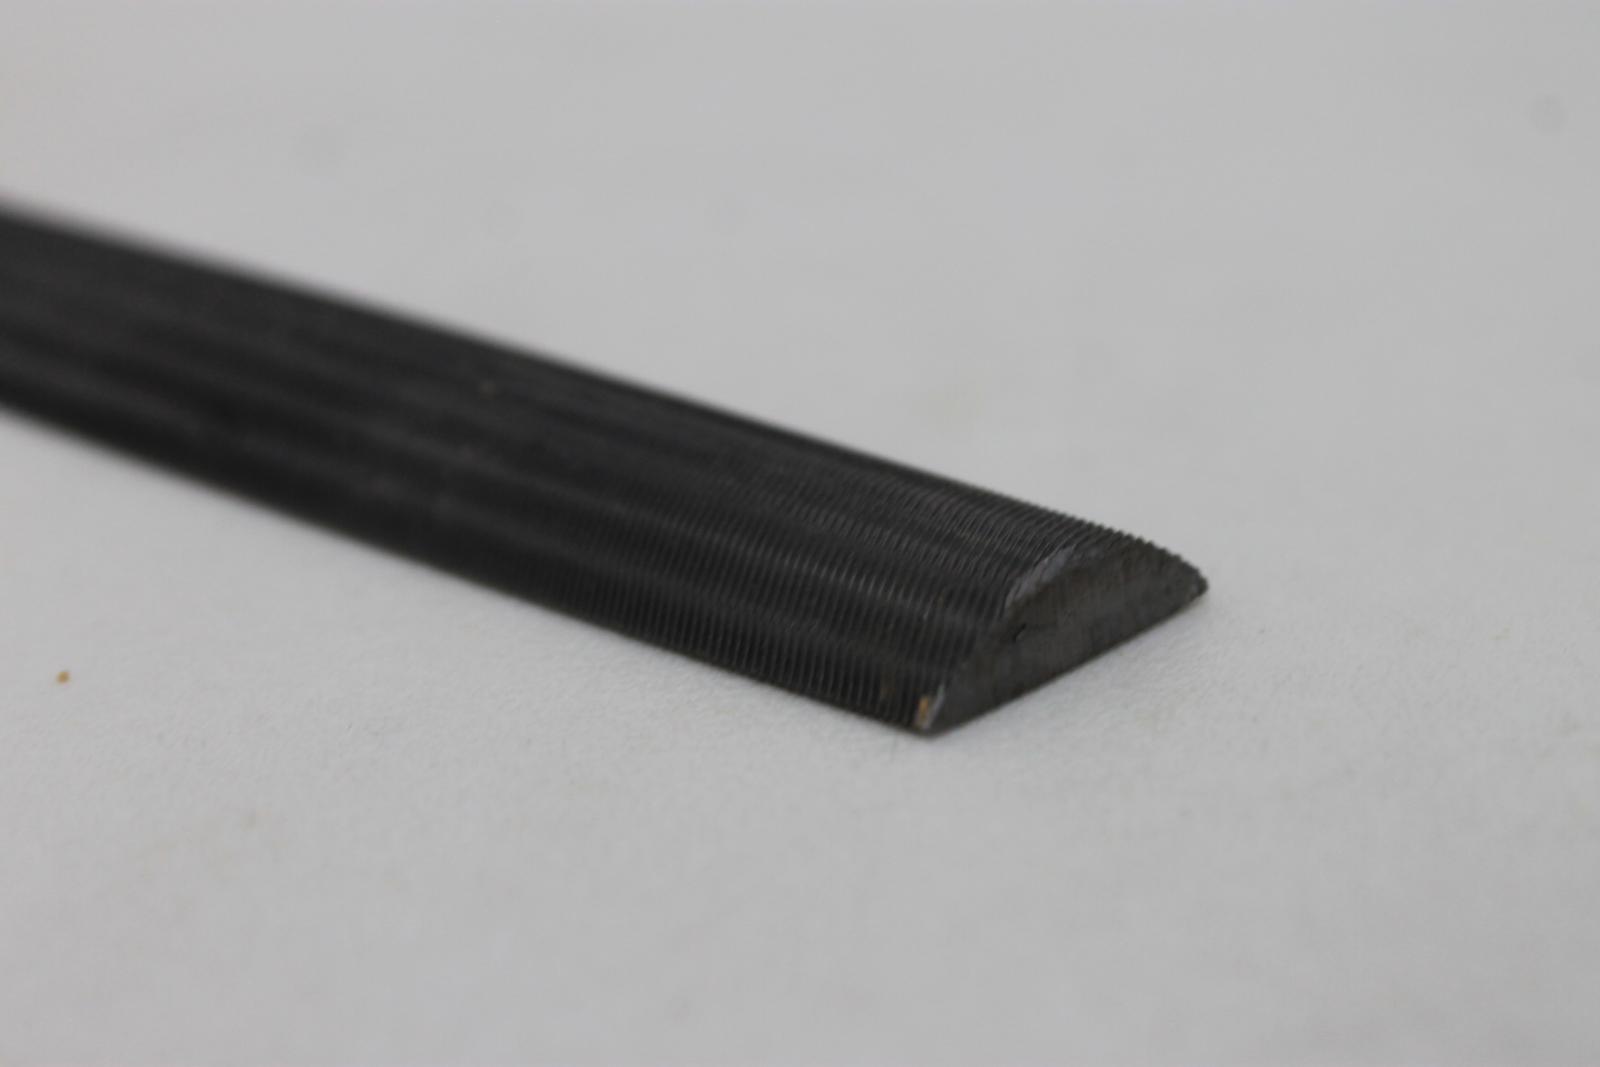 3-X-trabajo-de-madera-y-metal-Nicholson-Medio-Redondo-14-034-archivos-de-mano-corte-suave-30mm miniatura 7